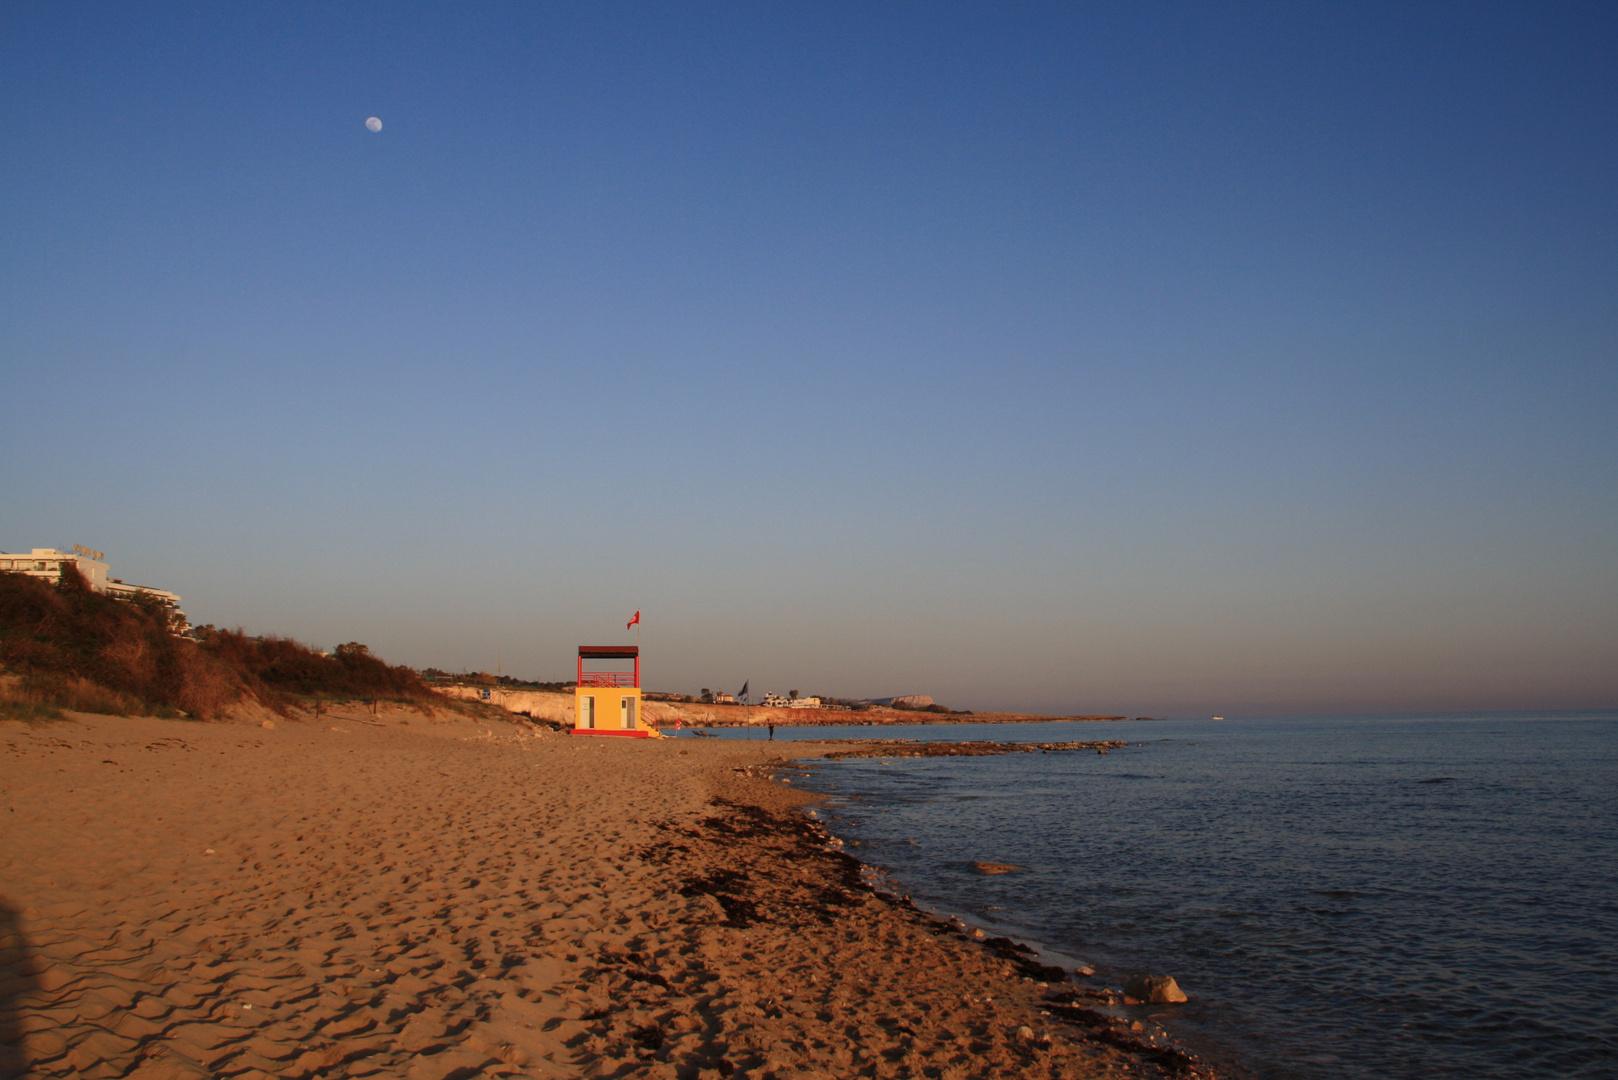 Strand im goldenen Licht